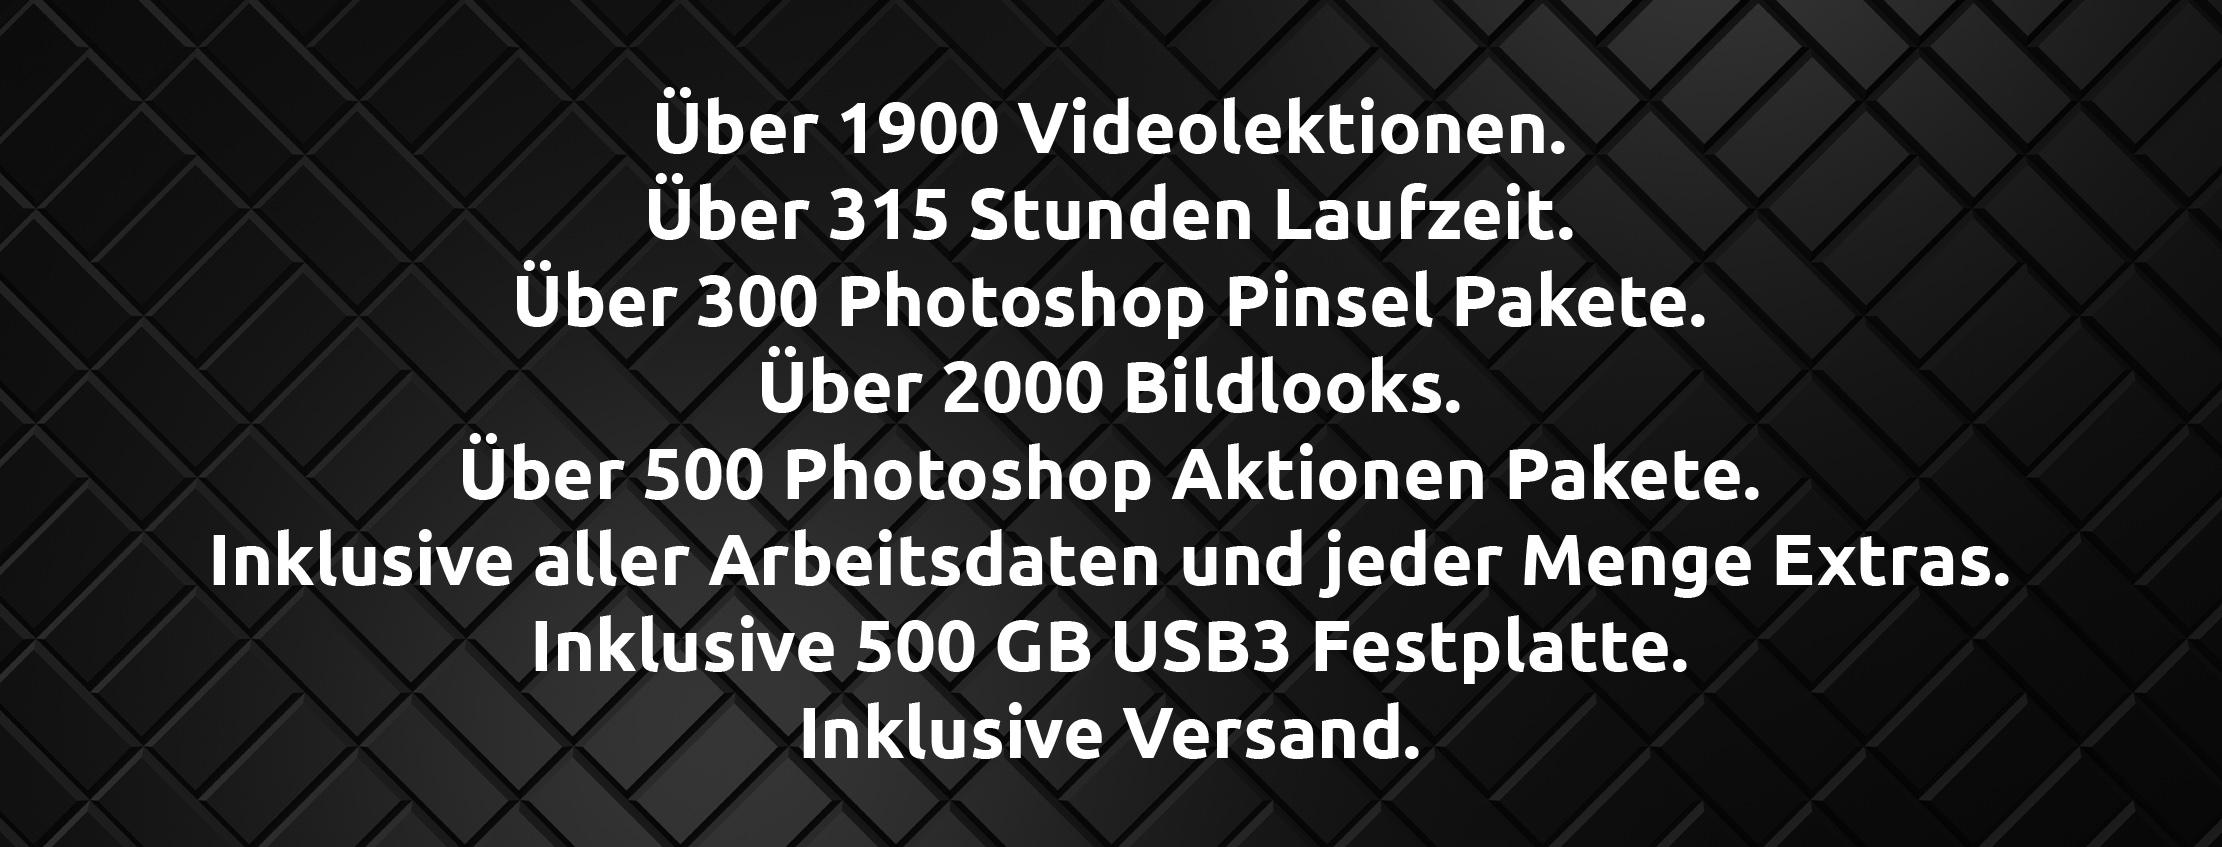 000_BROWNZarchivBOXText01